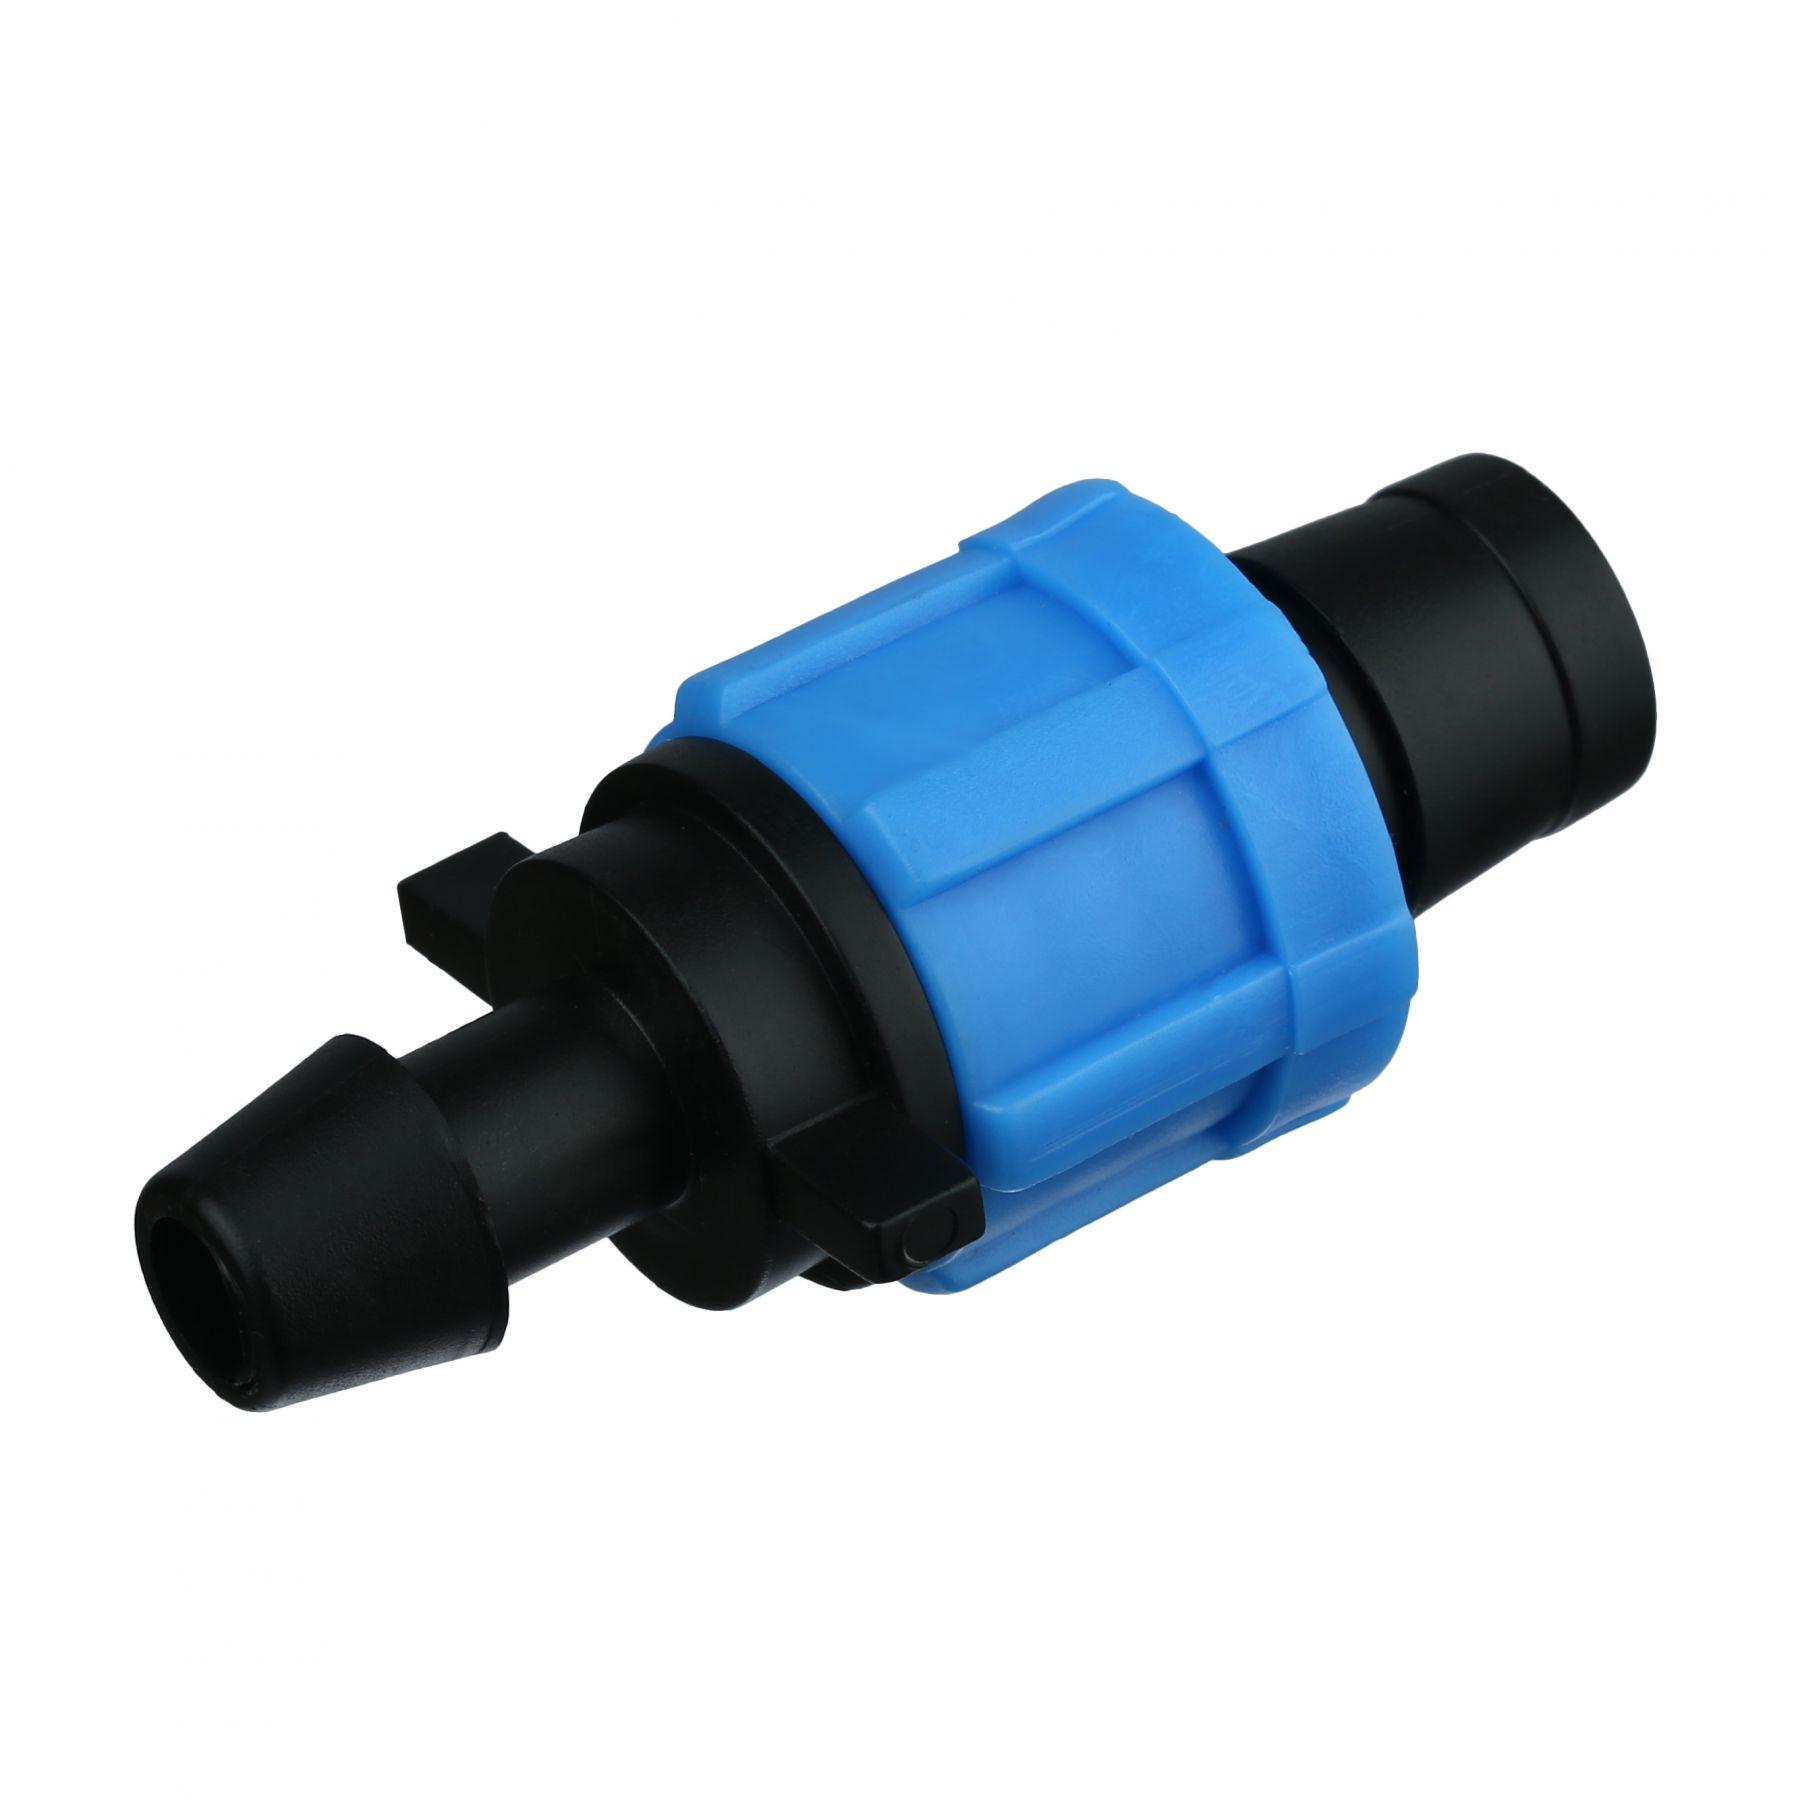 Стартовый фитинг GH (КЛ x 12)  для капельной ленты TO011712